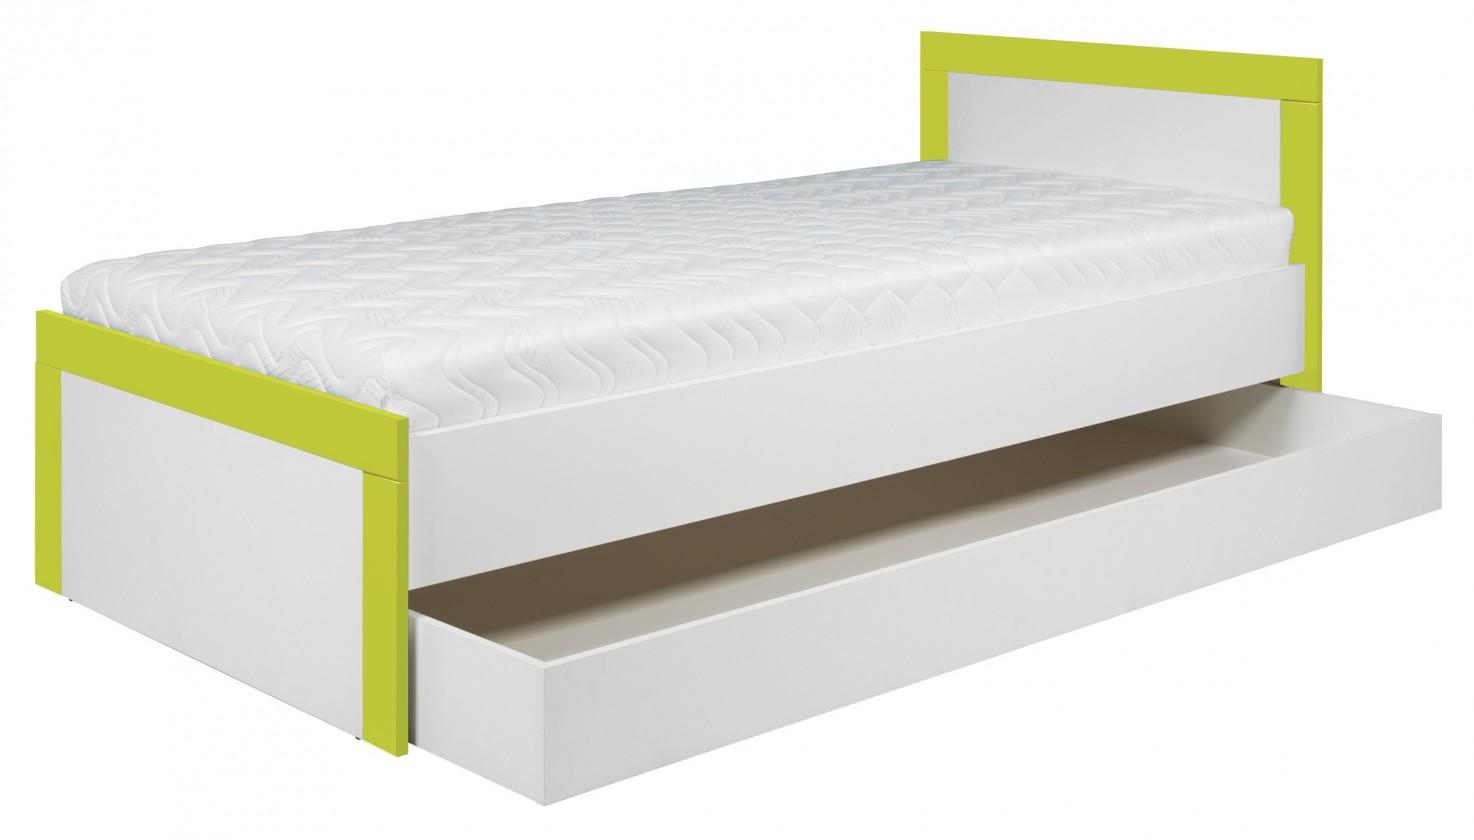 Klasická posteľ Lightning - Posteľ 90x200cm (biela, akvamarín)